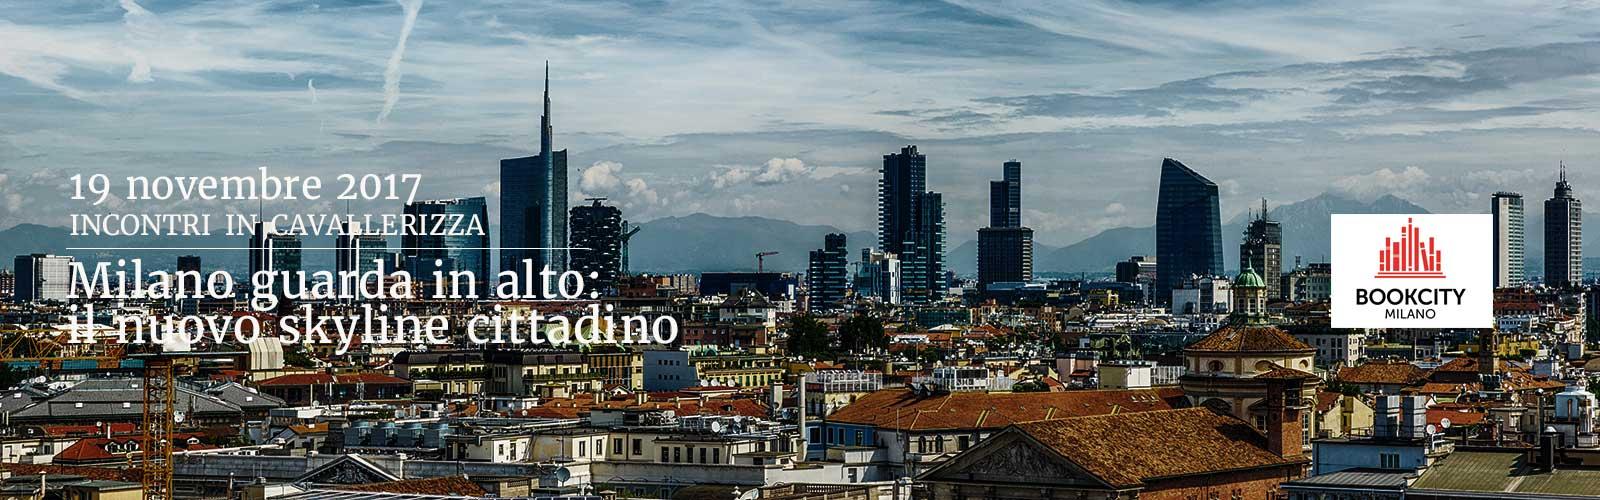 Milano guarda in alto: il nuovo skyline cittadino